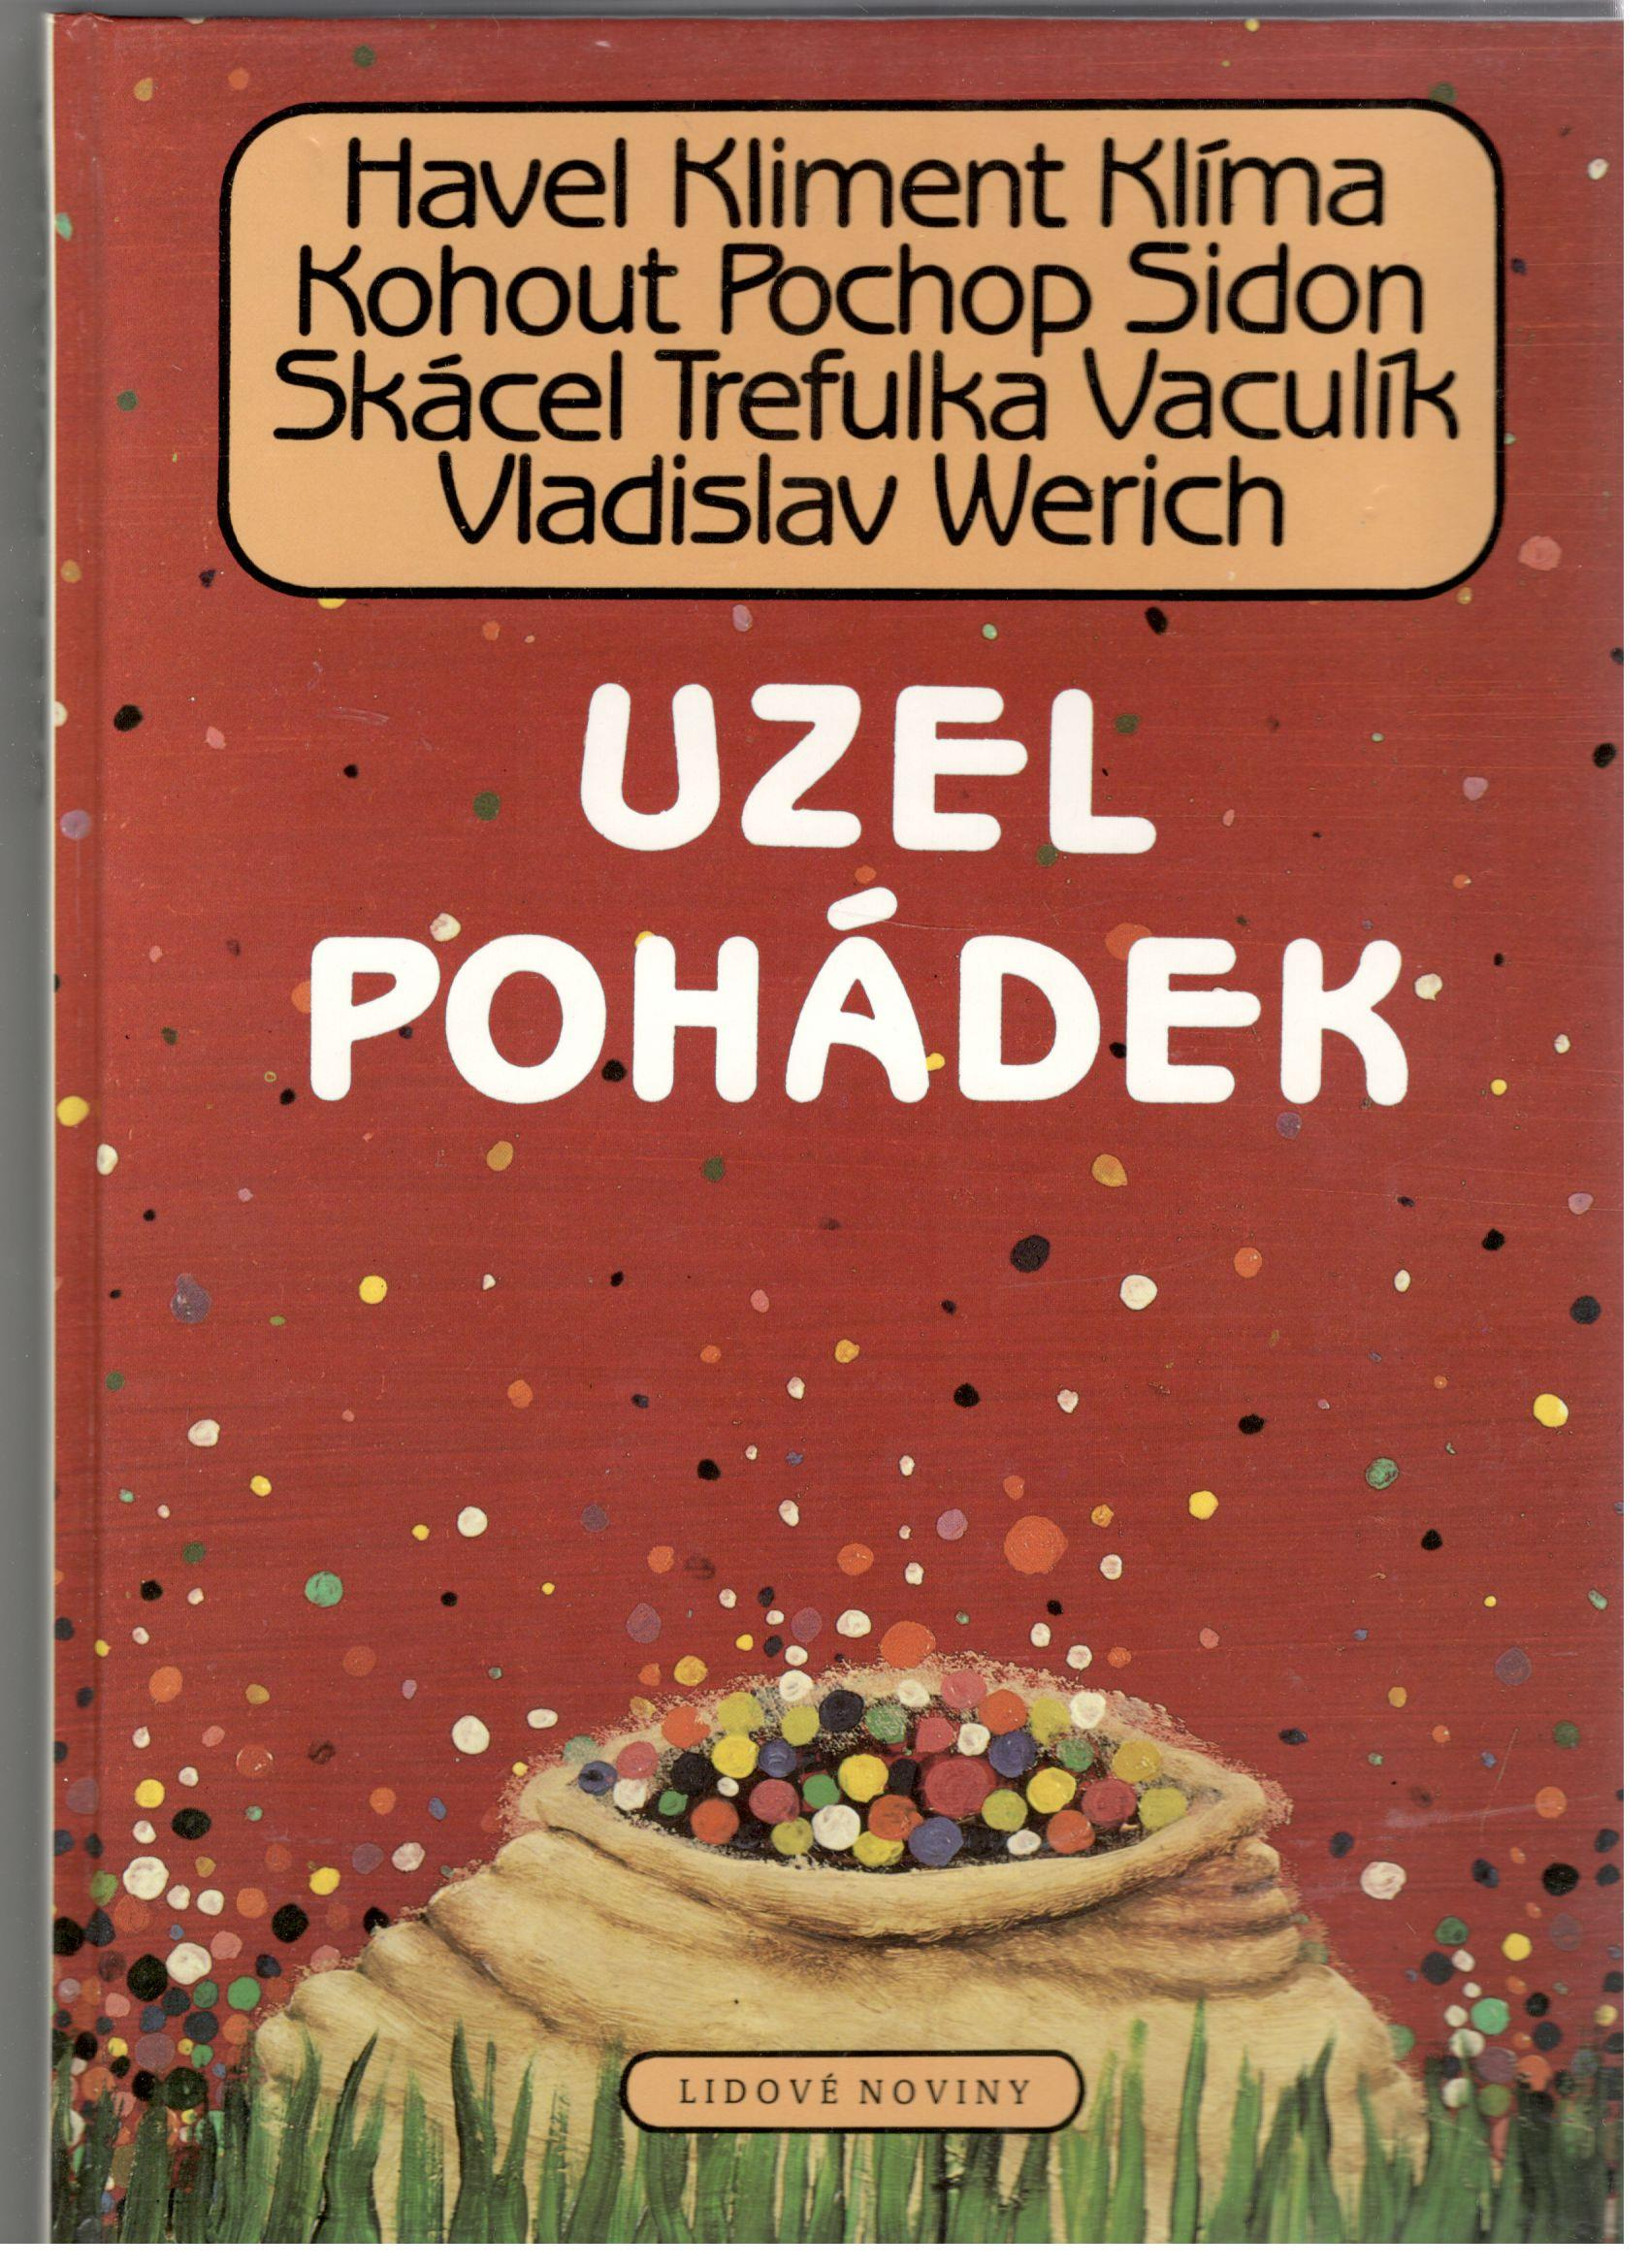 Uzel pohádek - Havel, Kliment, Klíma, Kohout, Pochop, Sidon, Skácel, Trefulka, Vaculík, Vladislav, Werich